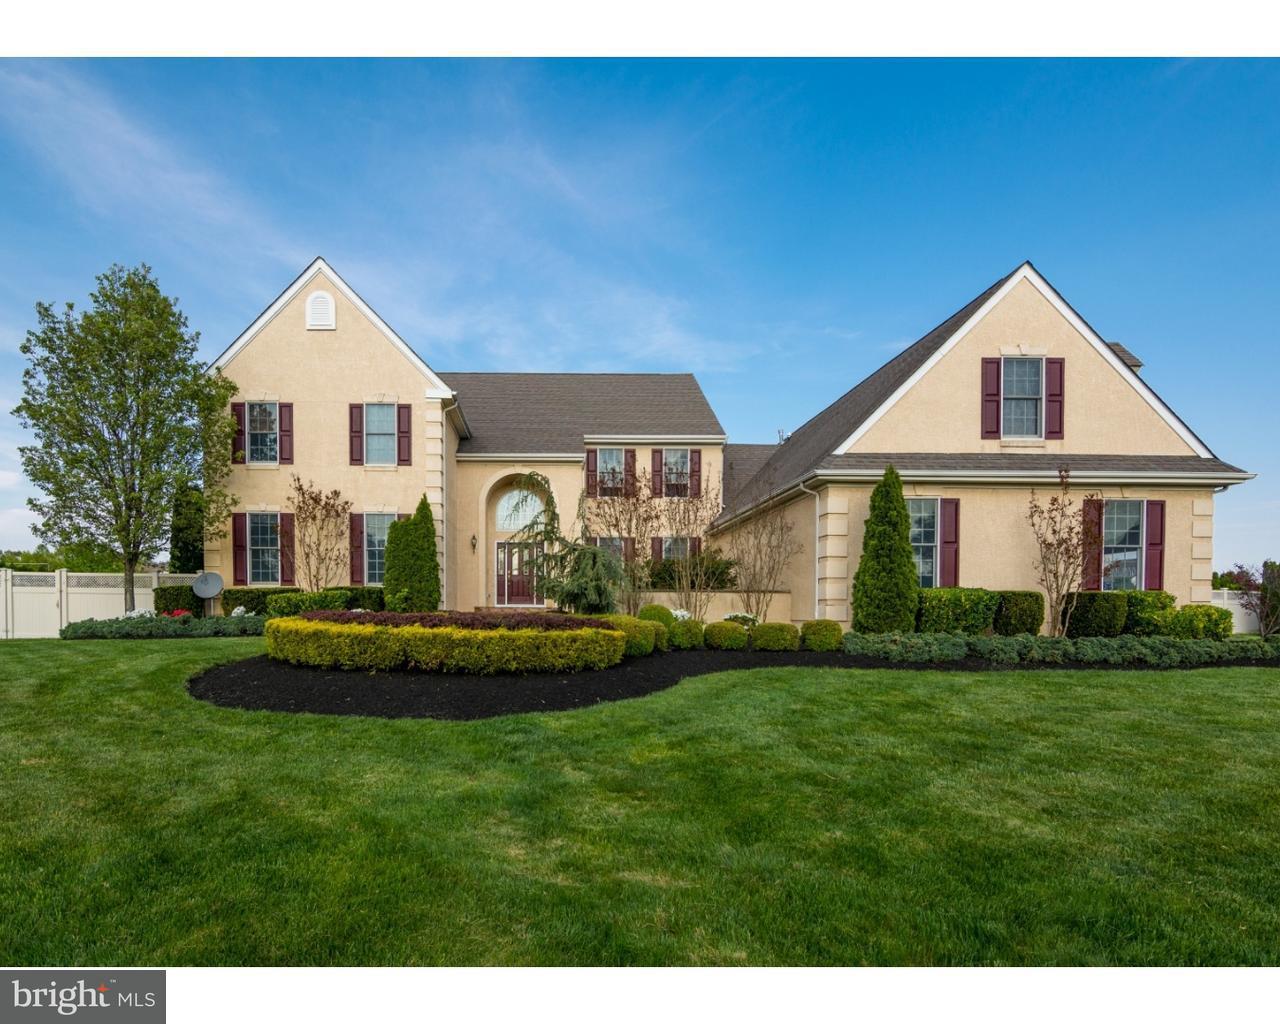 Maison unifamiliale pour l Vente à 46 LINWOOD Drive Monroe, New Jersey 08831 États-UnisDans/Autour: Monroe Township